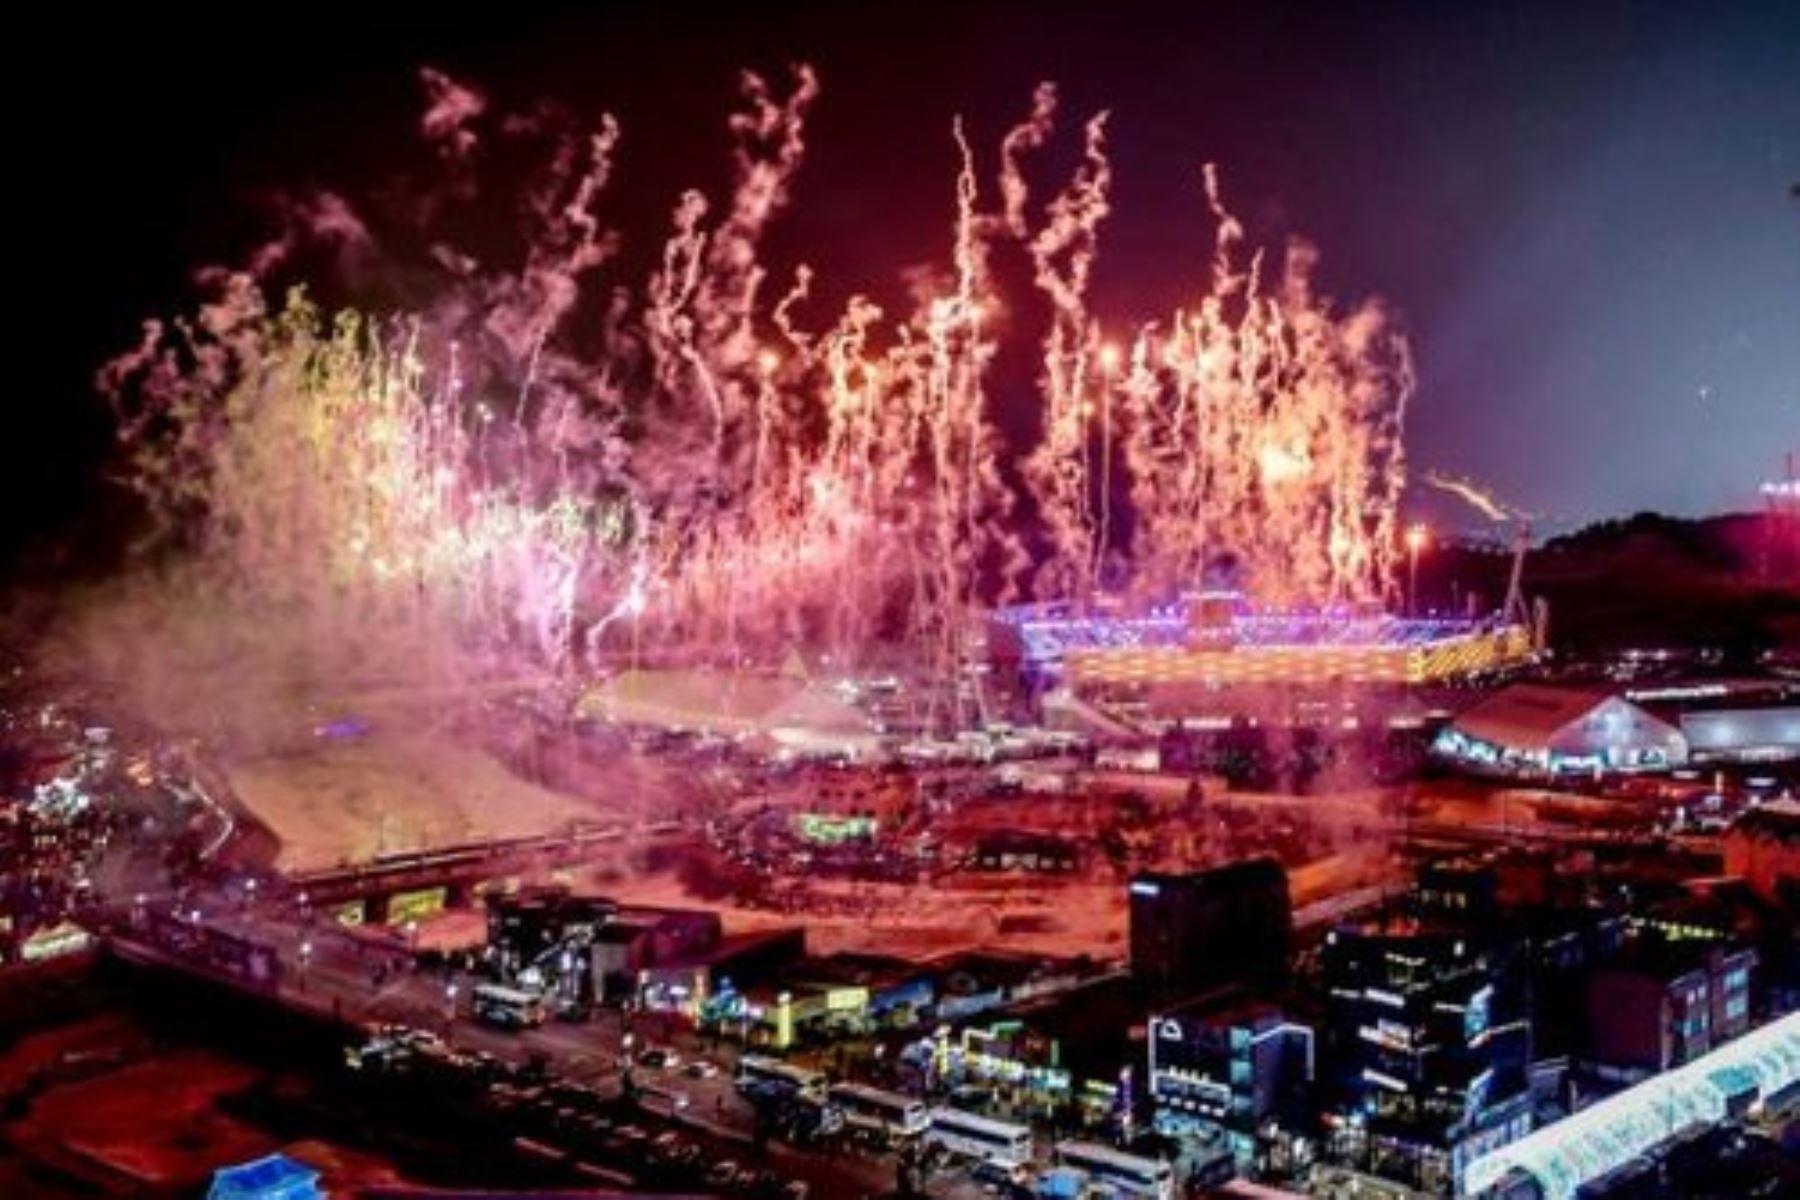 Comienza ceremonia inaugural de Juegos Olímpicos de Invierno en Corea del Sur. Foto: AFP.